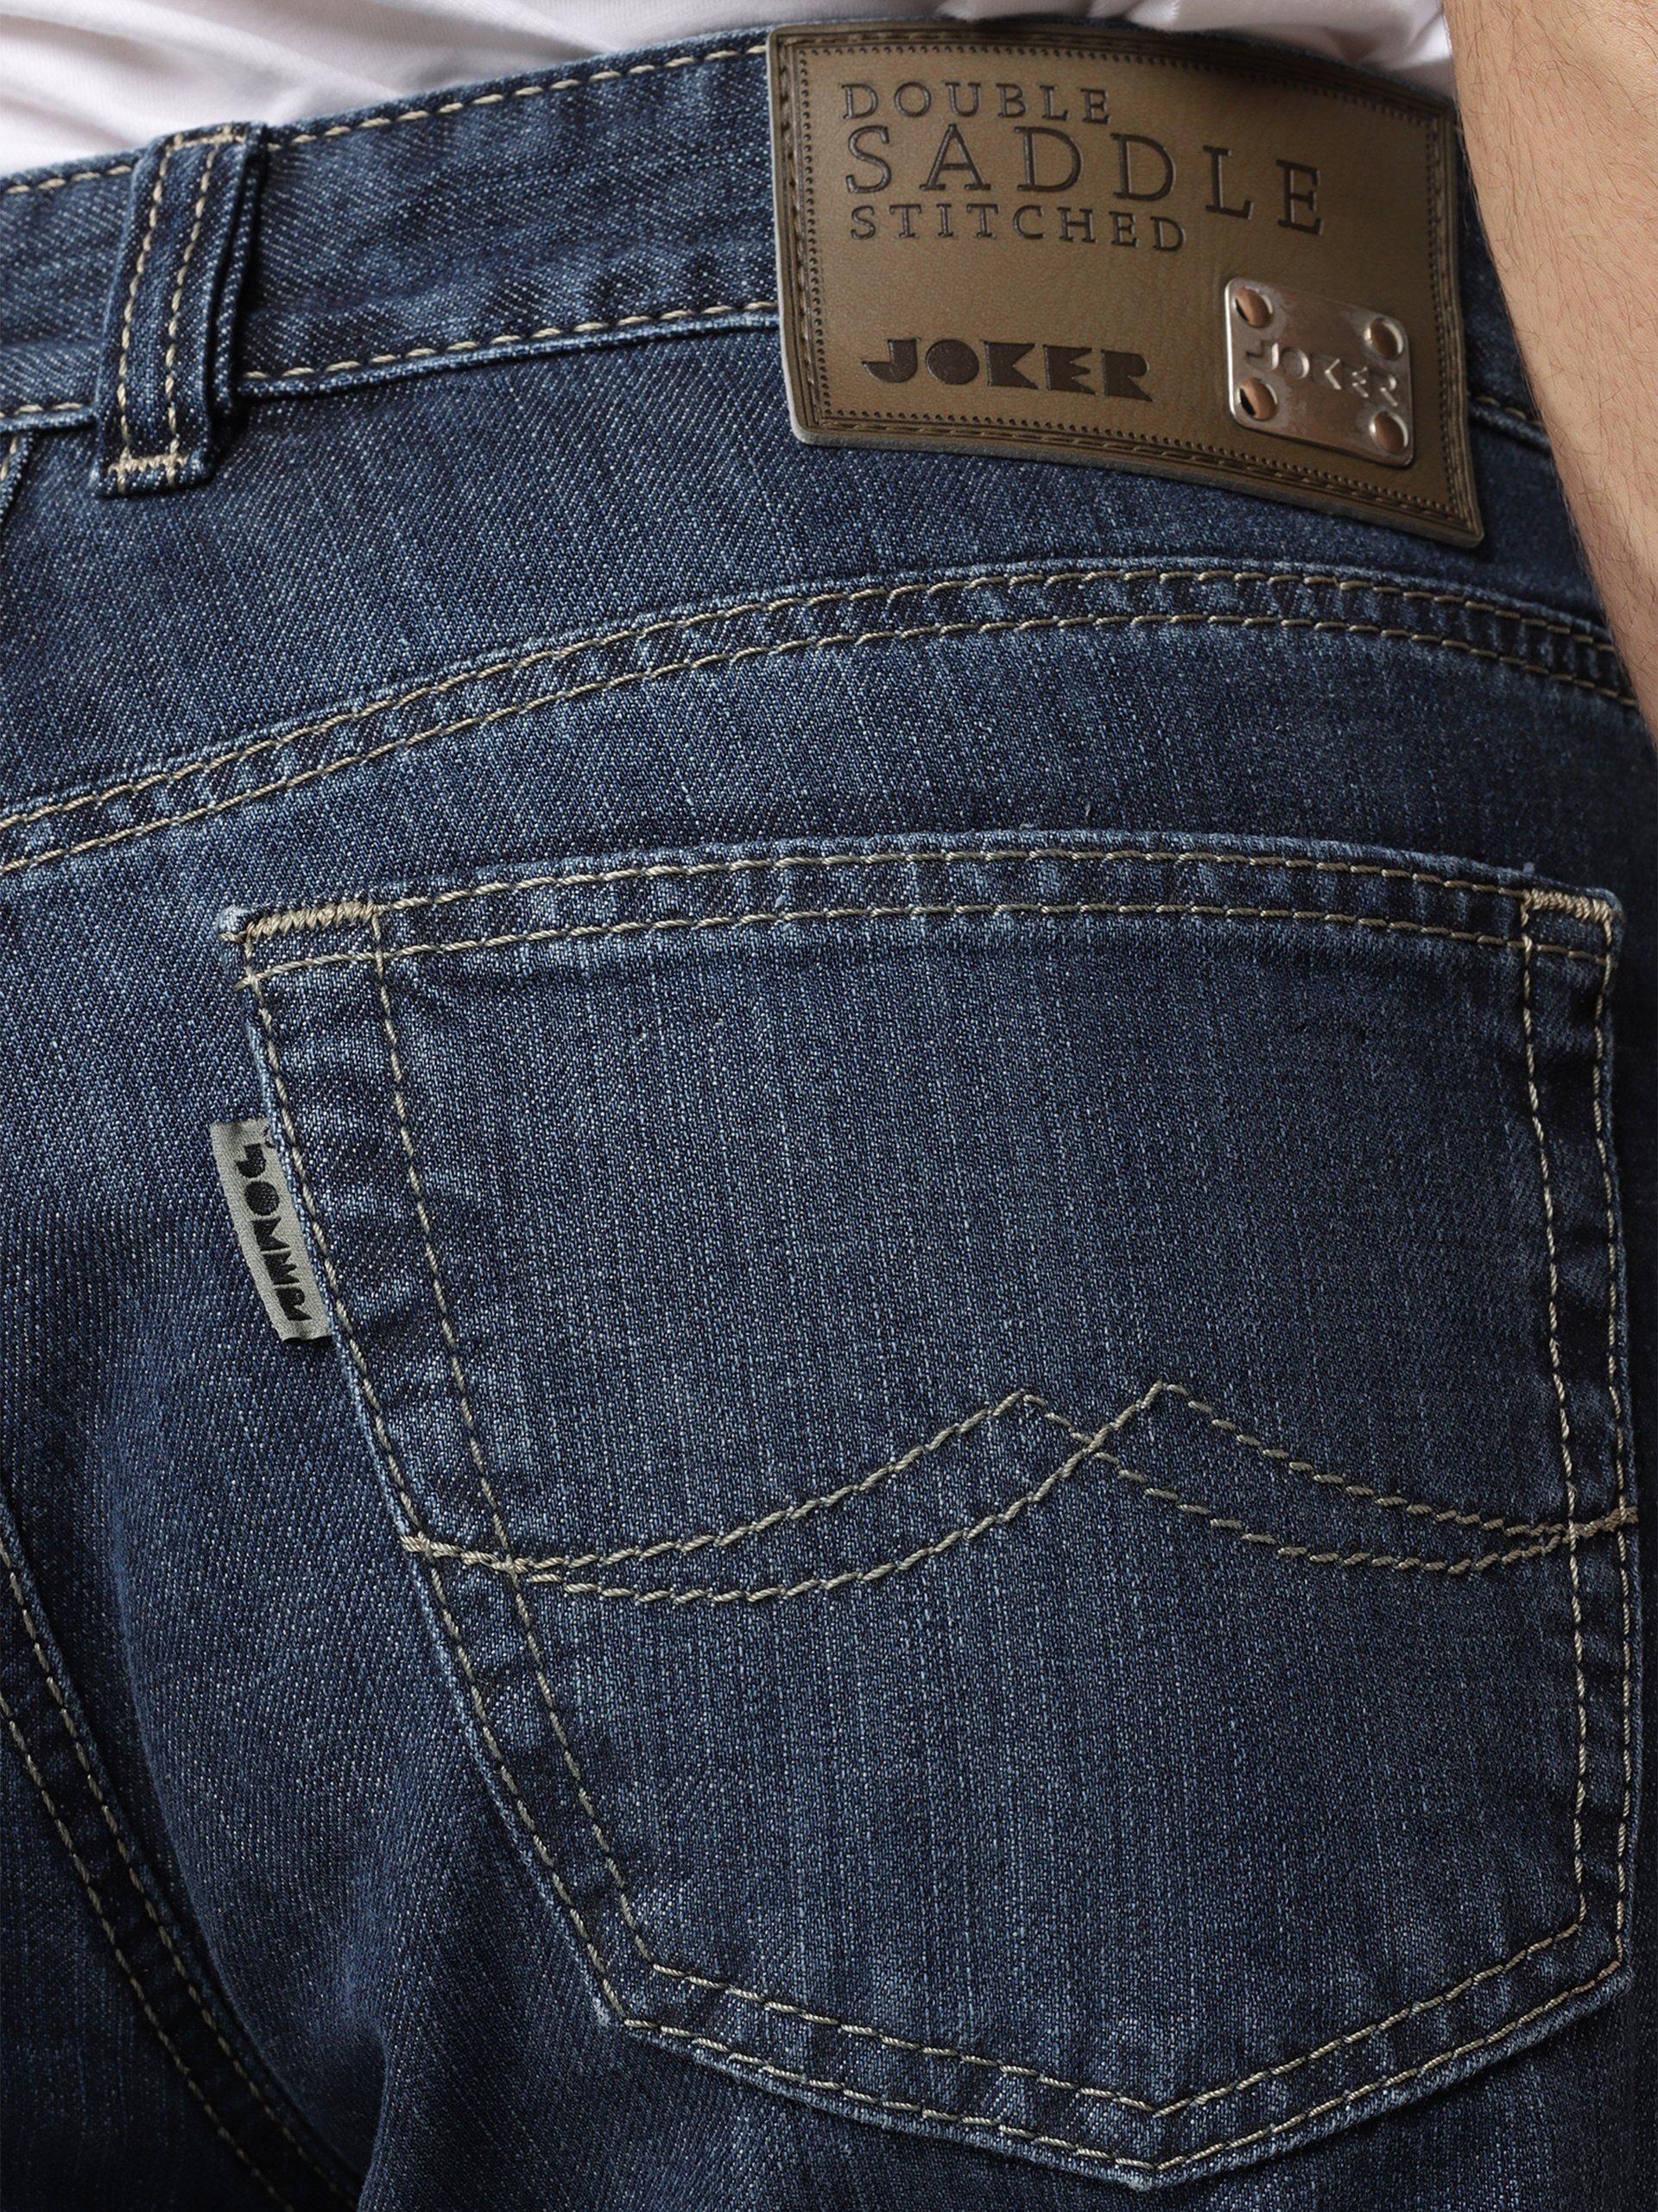 Joker Herren Jeans - Clark